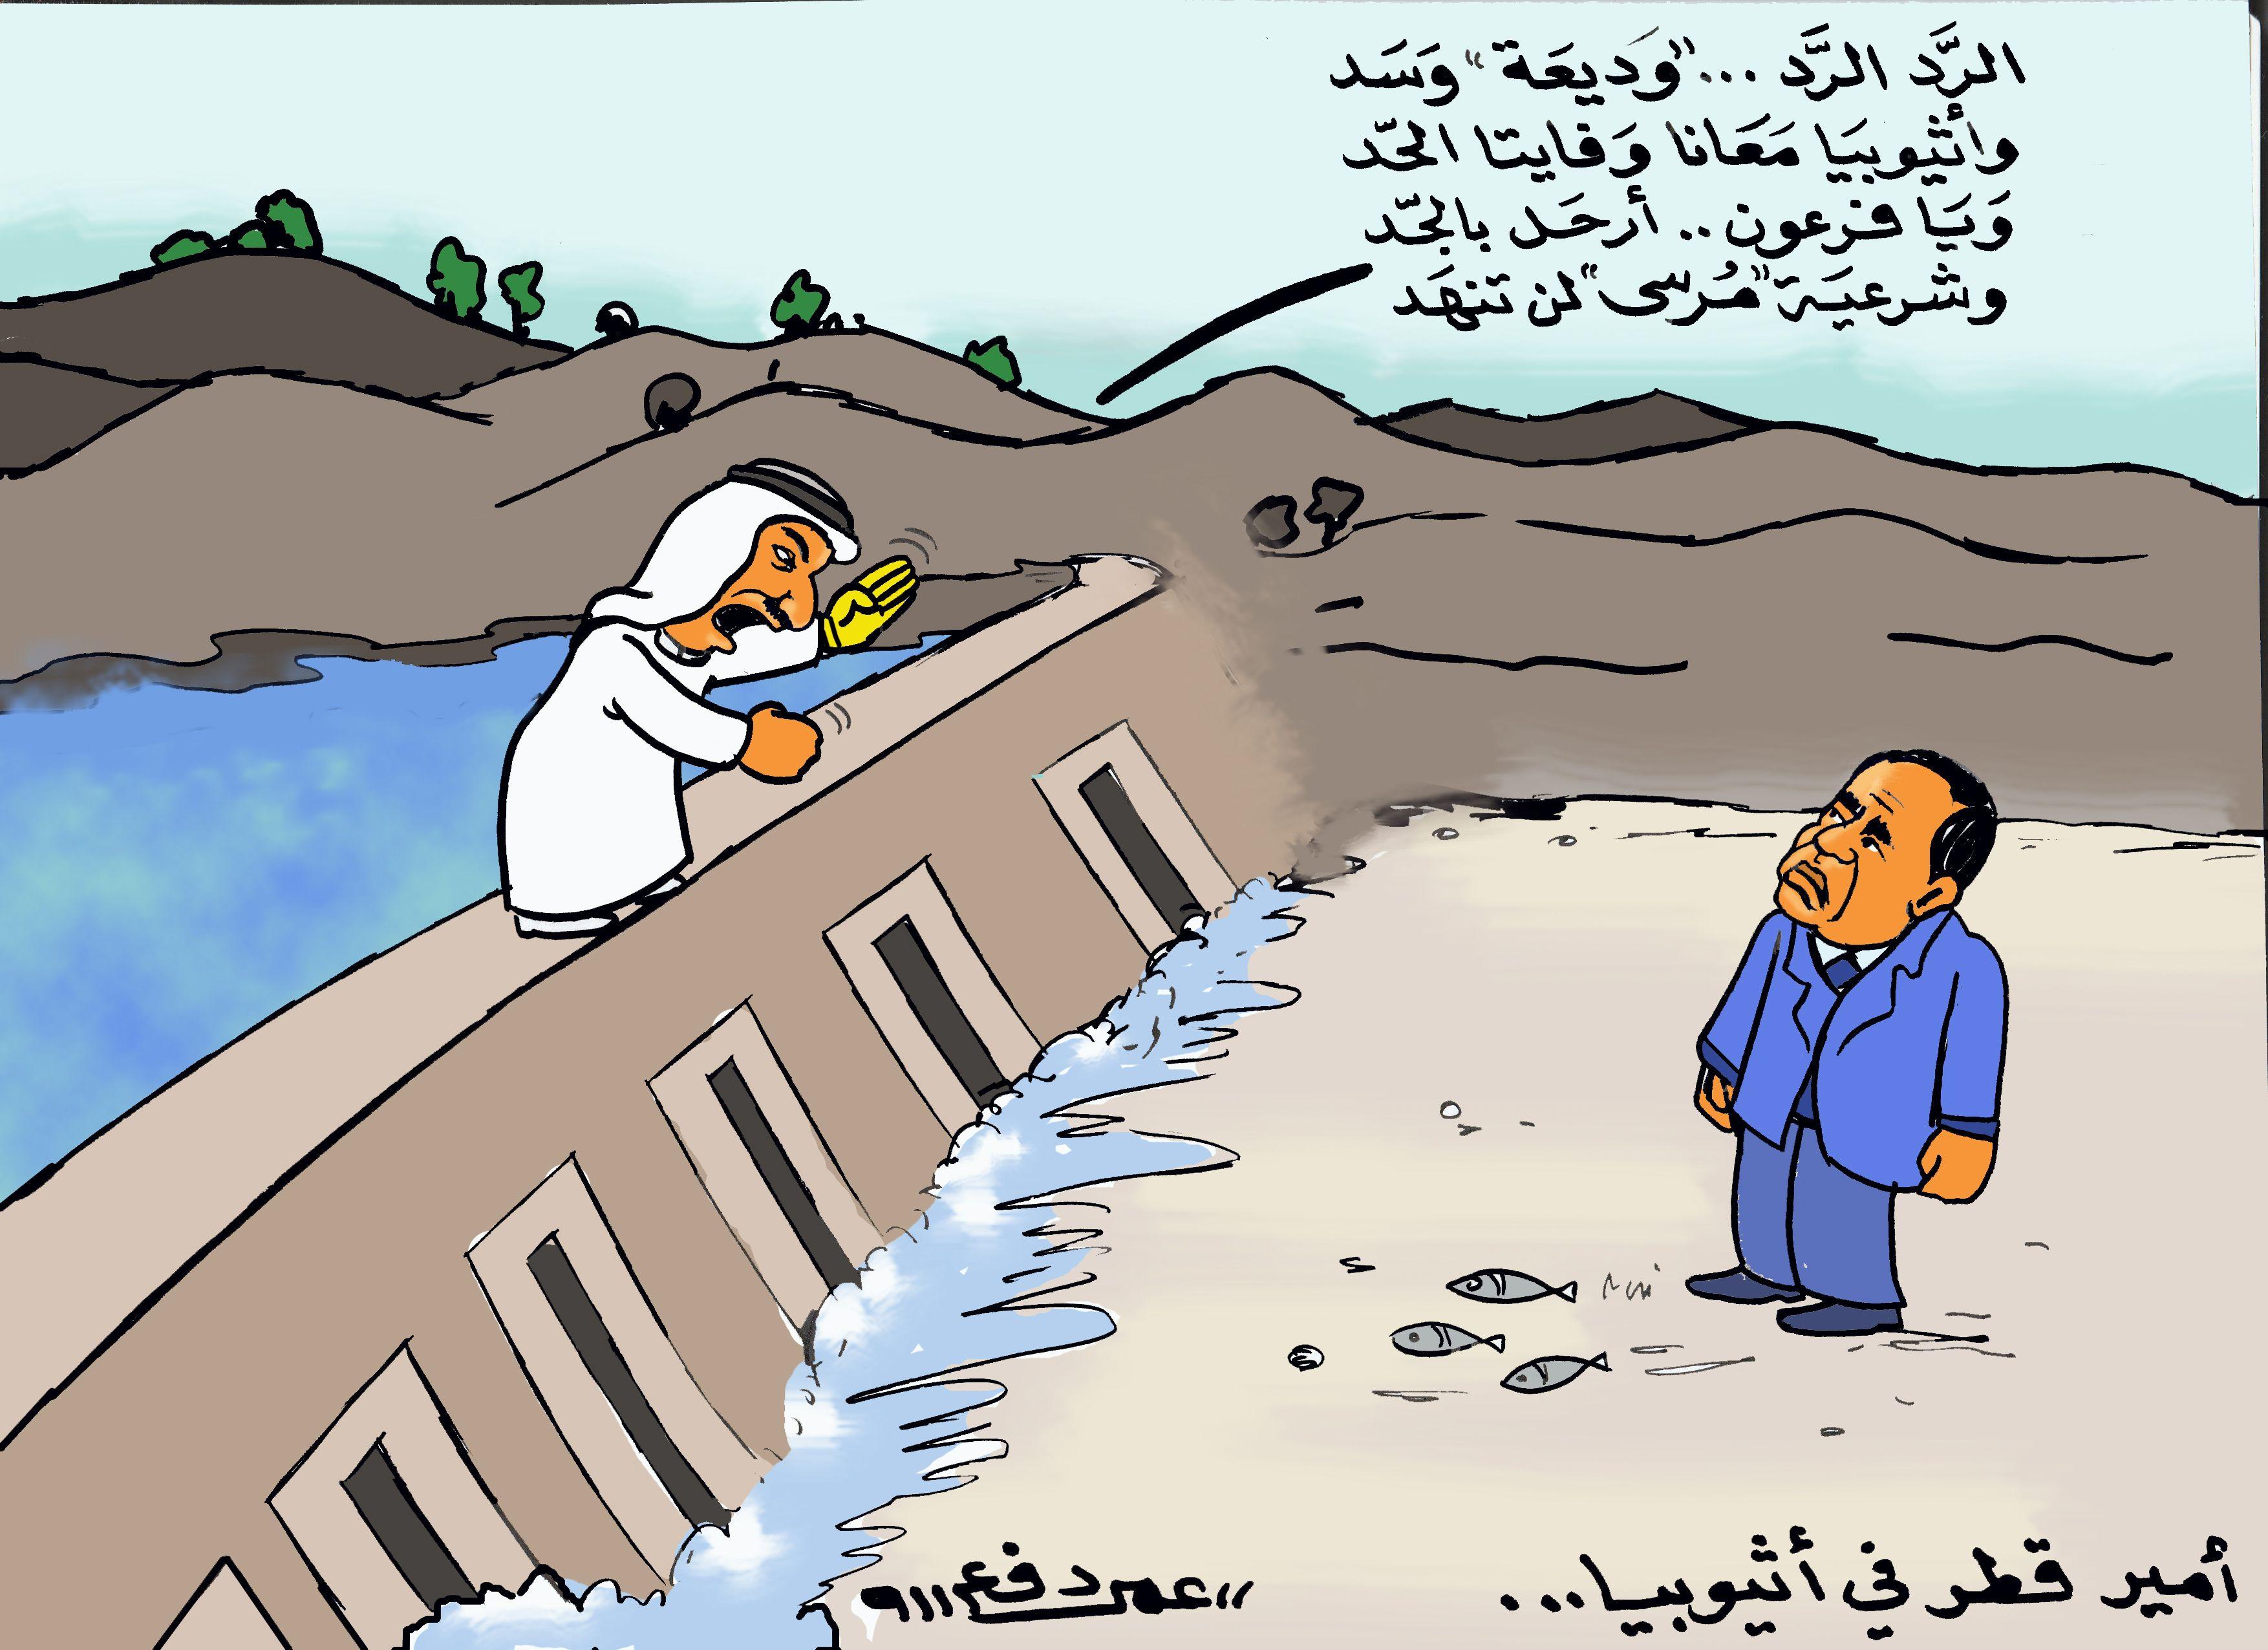 كاركاتير اليوم الموافق 11 ابريل 2017 للفنان عمر دفع الله عن زيارة امير قطر لاثيوبيا